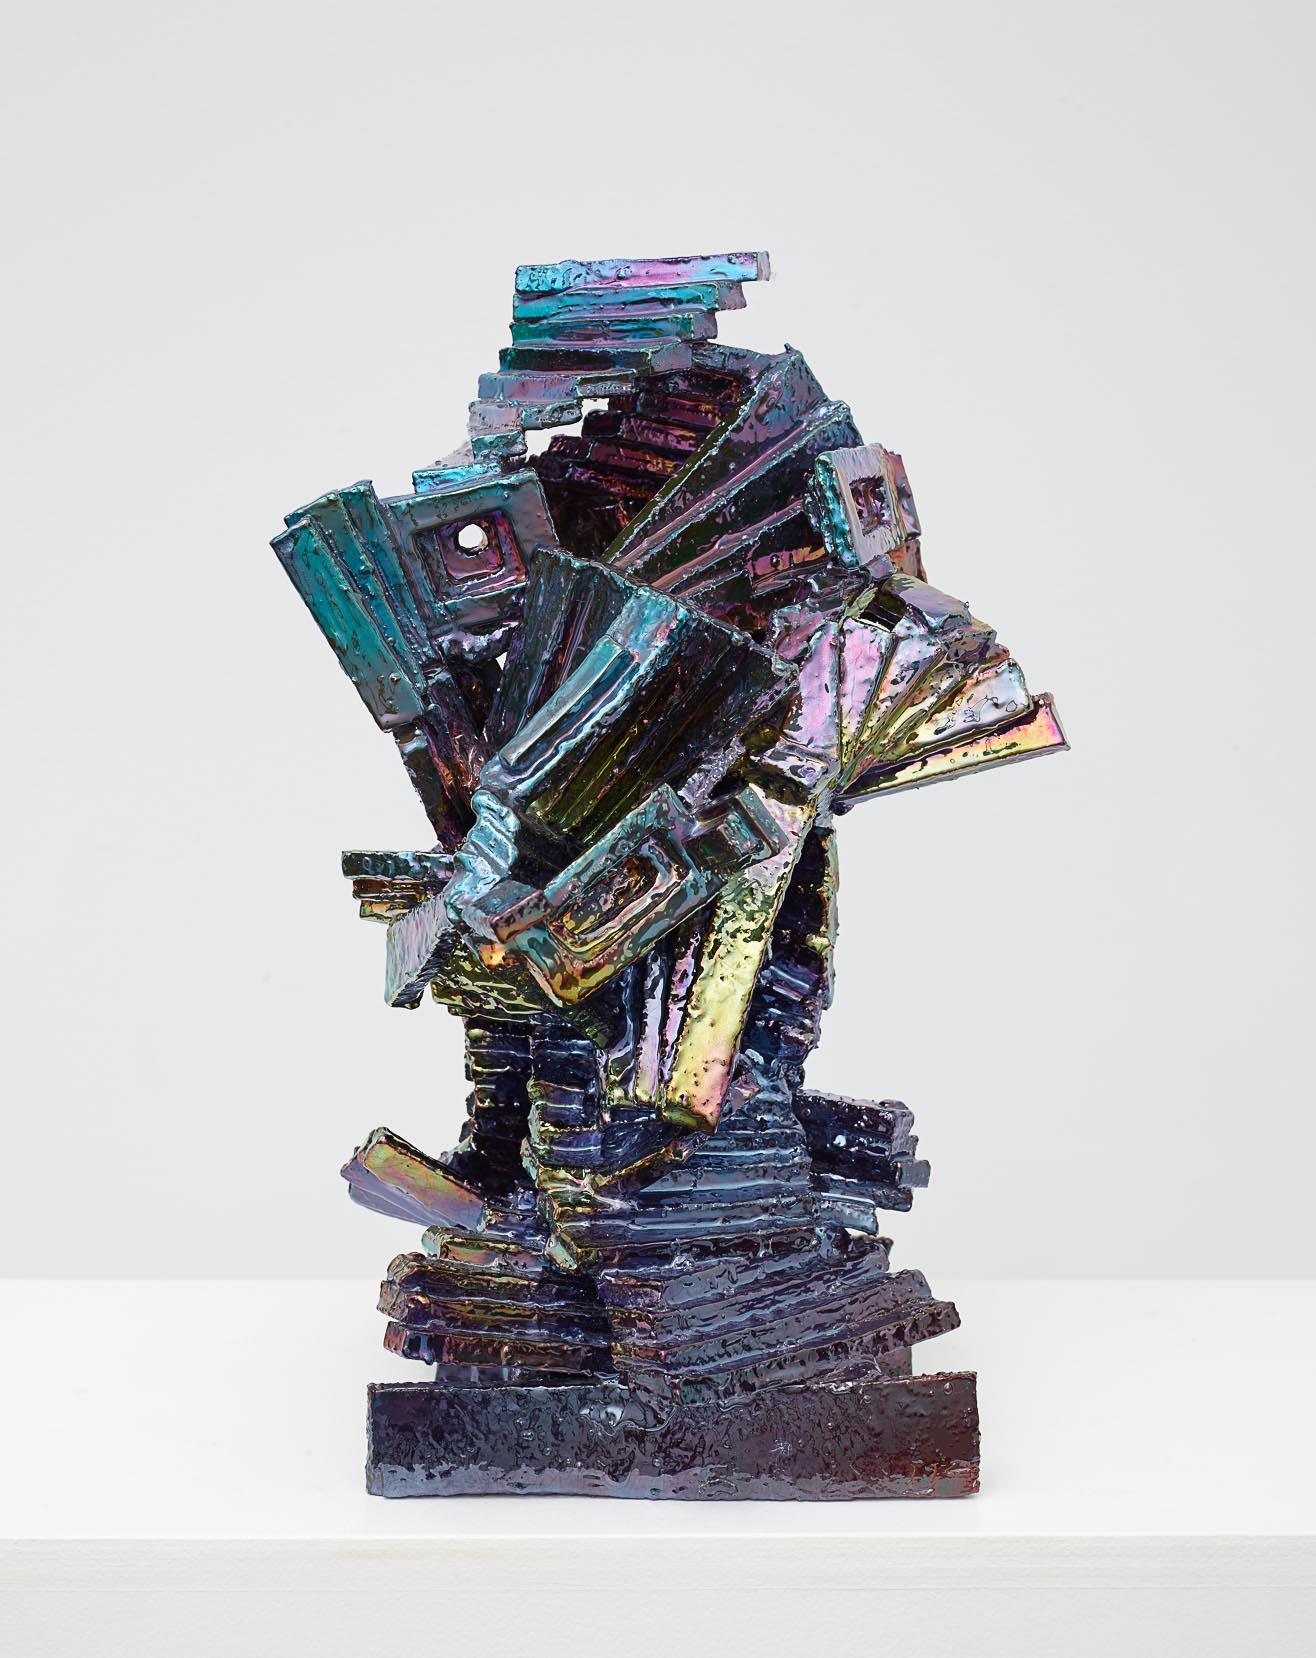 Julia Kunin,  Purple Ruin , 2014, Ceramic, 16 x 11 x 11 inches